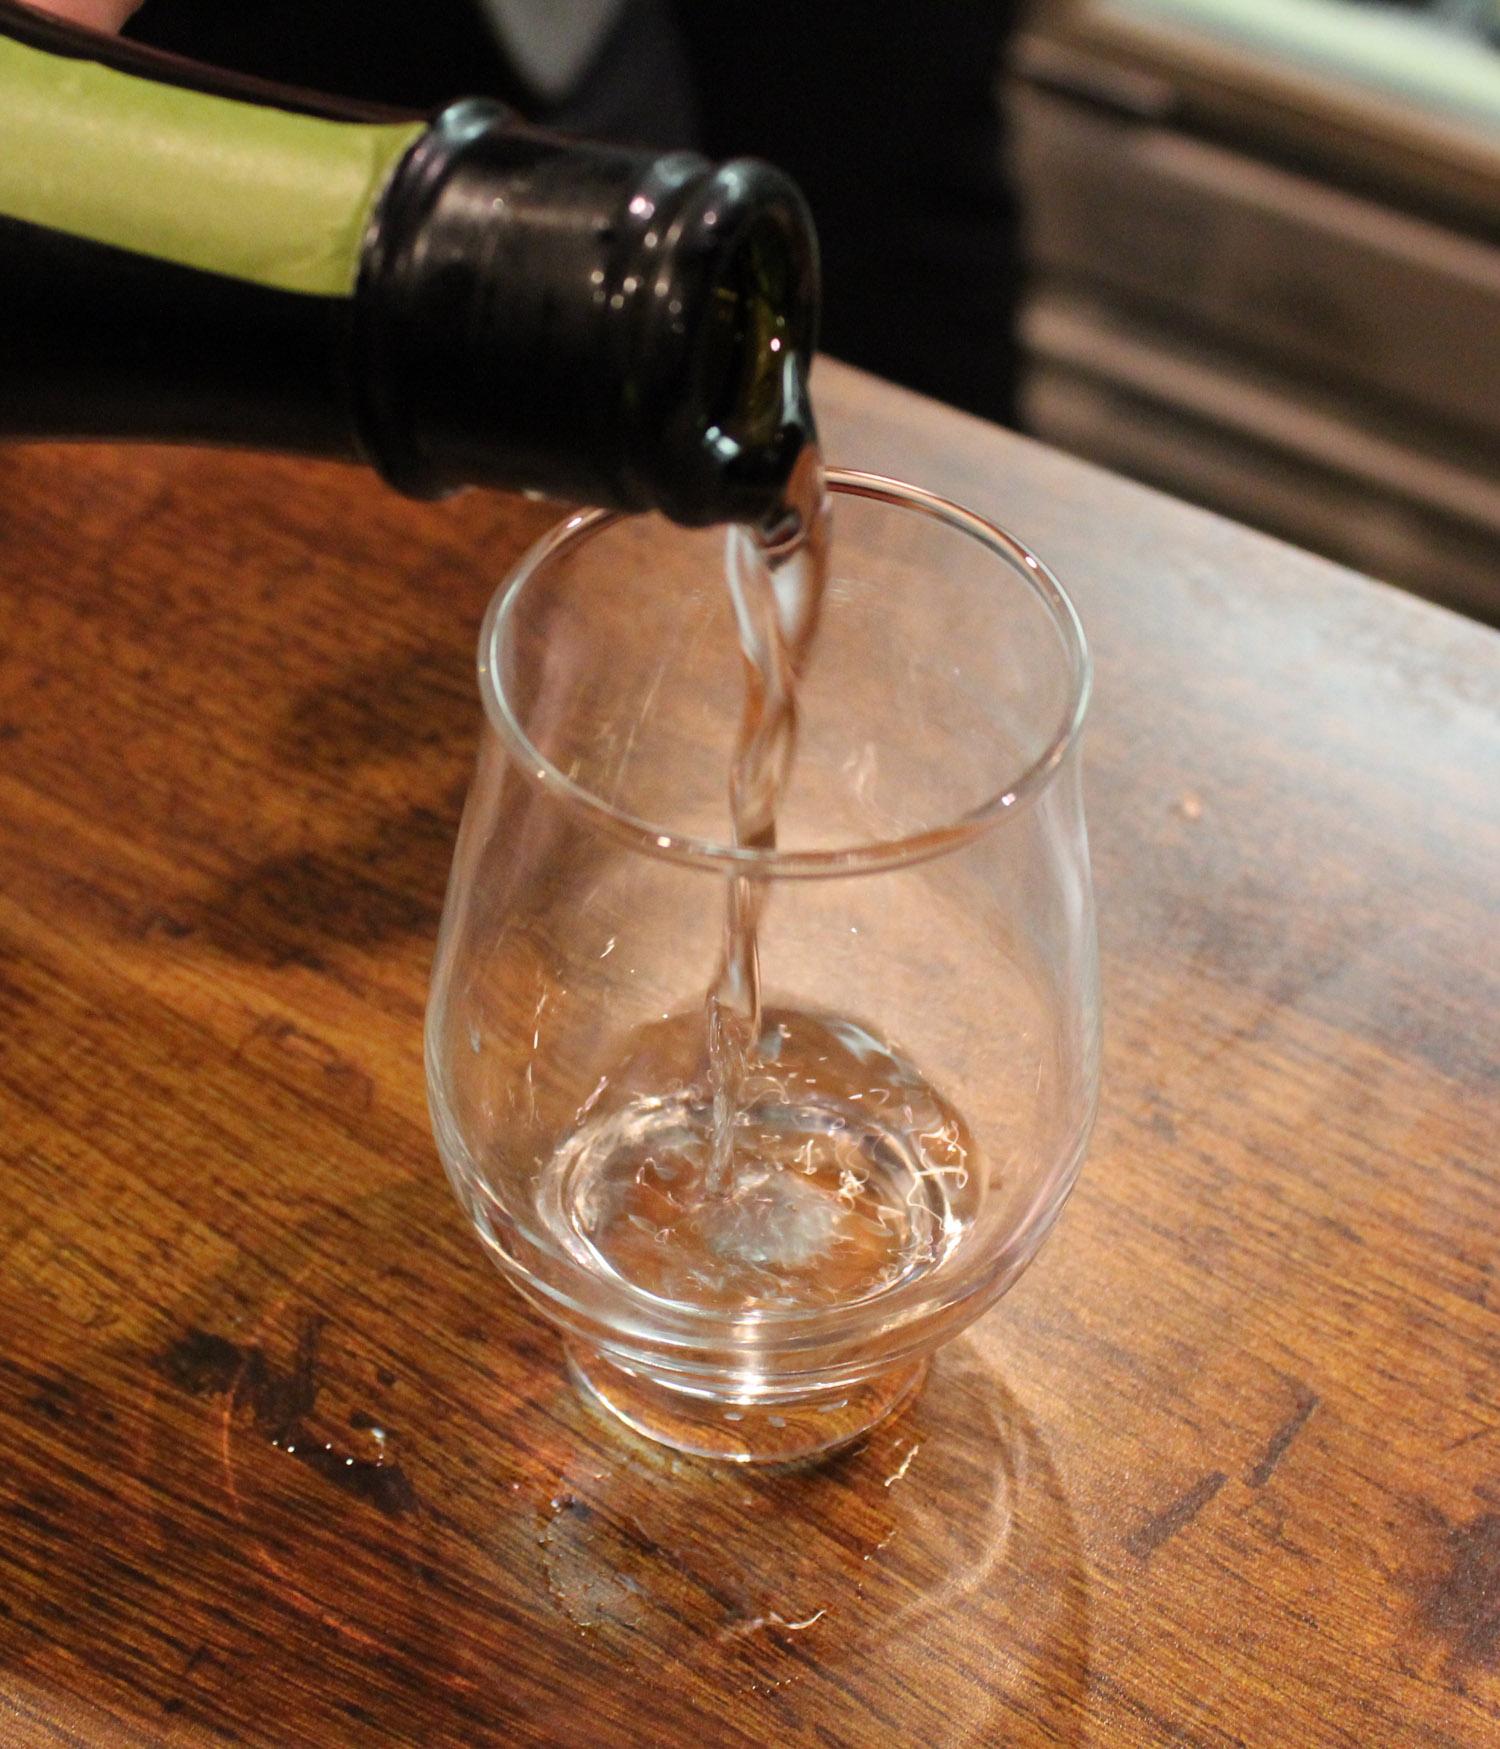 神戸市三宮に全国の銘酒やレア種も日本酒 60種以上時間無制限 セルフ飲み放題 日本酒センターニューキタノザカが 4/4OPEN !